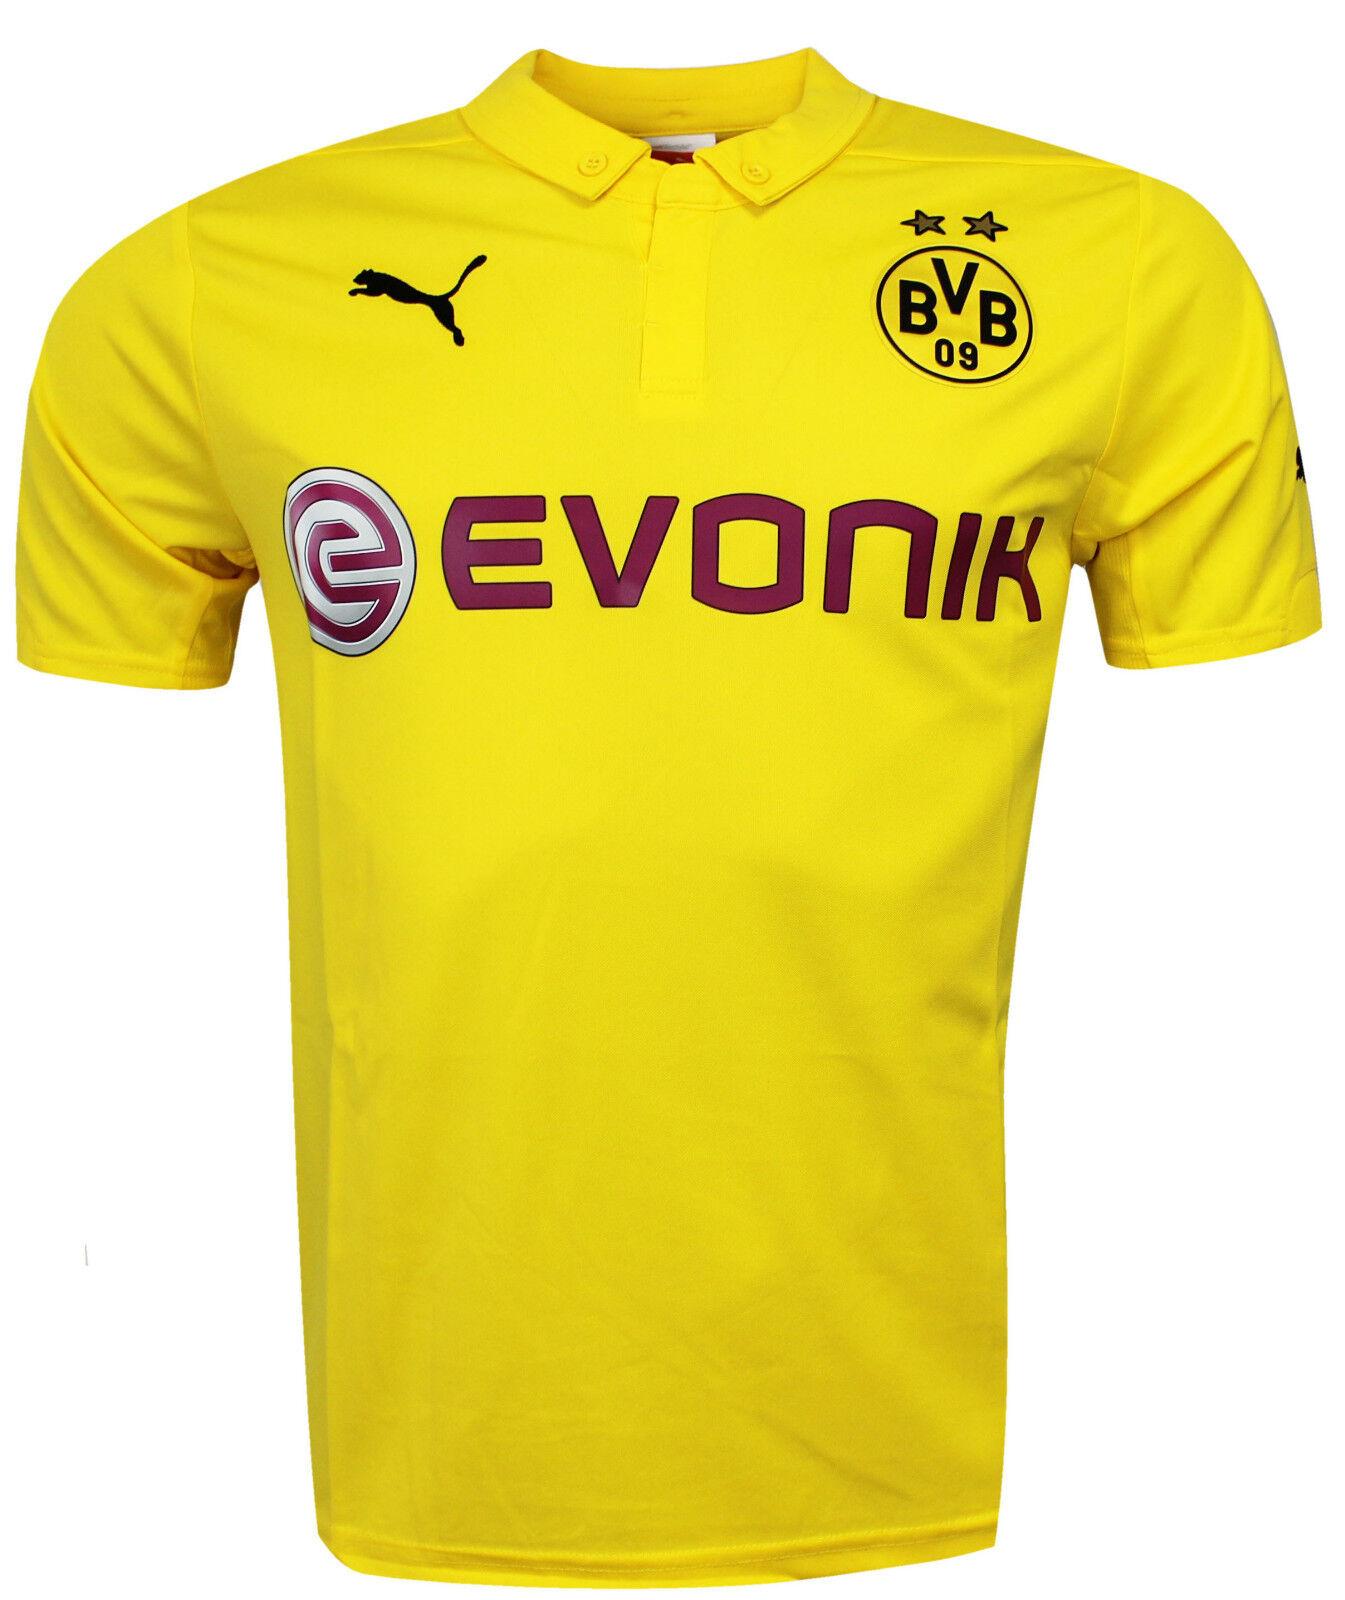 Puma Bvb Borussua Dortmund Réplica Fútbol para Hombre Camisa ... 28424a4a5a293